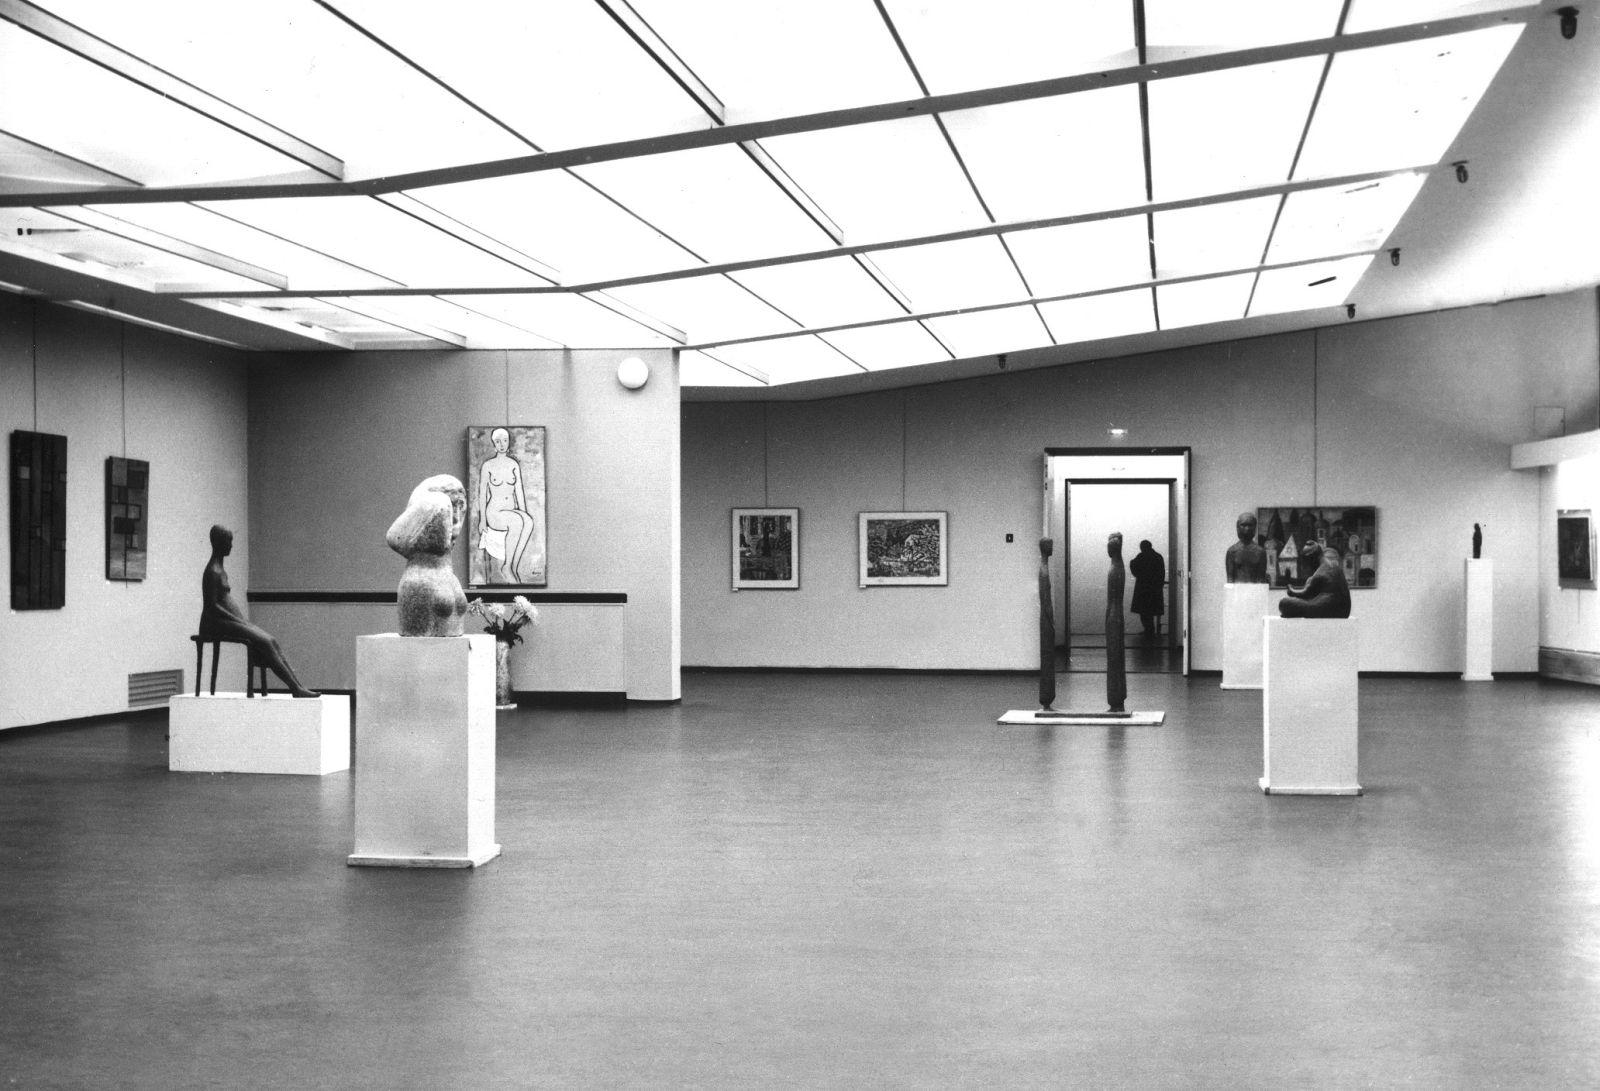 Przestrzeń ekspozycyjna na I piętrze Miejskiego Pawilonu Wystawowego w Krakowie, lata 60. XX wieku, autor nieznany, Archiwum Galerii Bunkier Sztuki (źródło: materiały prasowe organizatora)